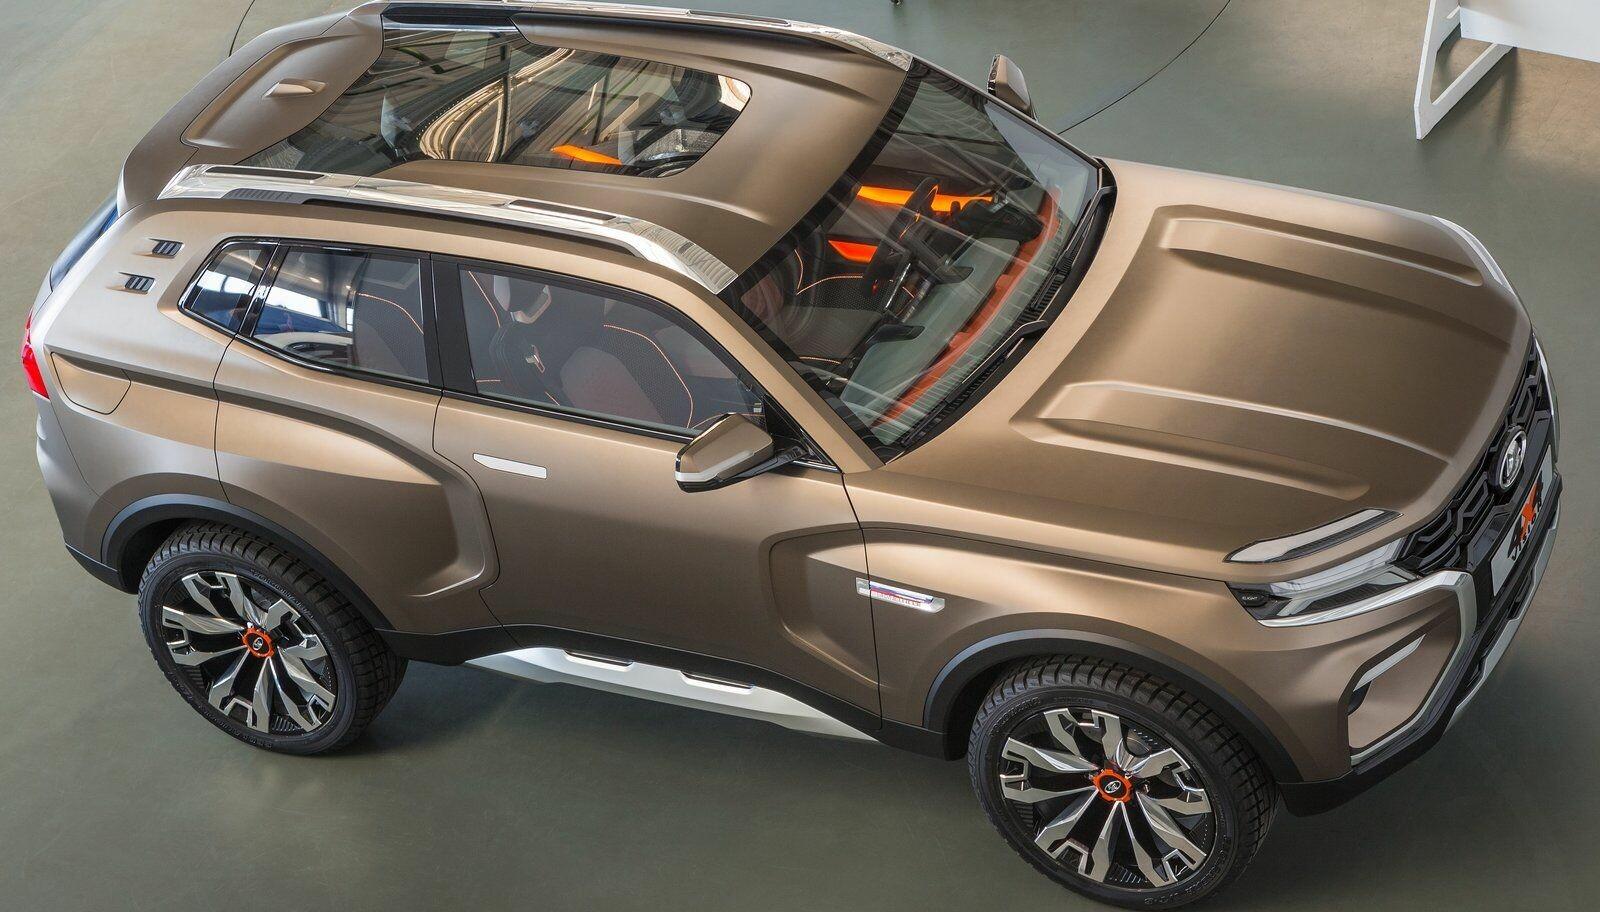 <b>LADA SUV: </b>Så tøff har du neppe sett en Lada før? For det er nemlig Lada som står bak dette konseptet som kan bli virkelighet i 2020.